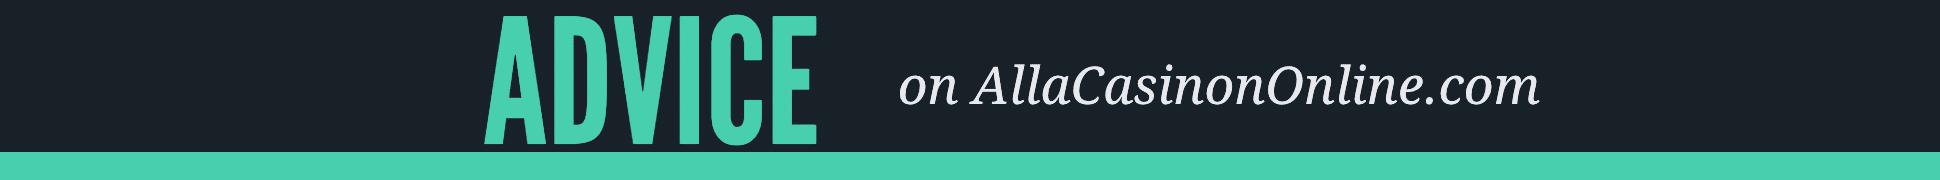 Allacasinononline.com - Main Page